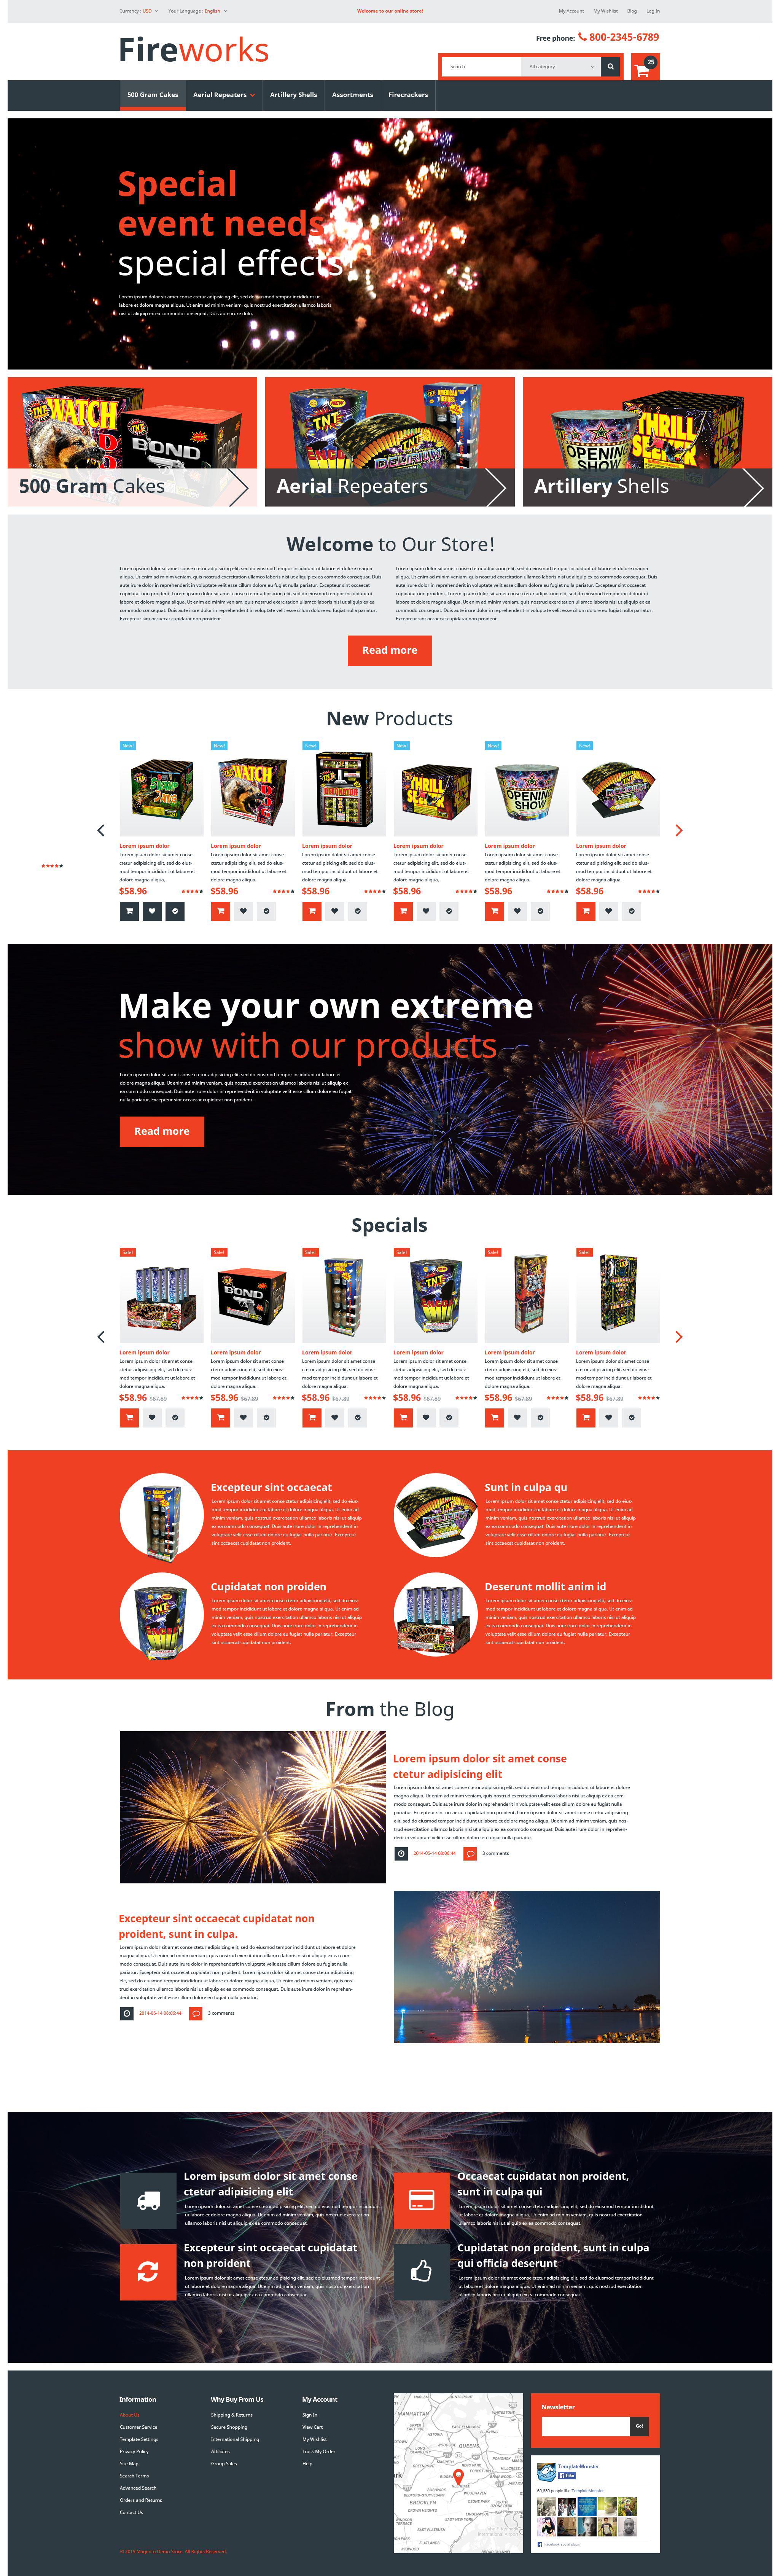 Entertainment games magento theme fireworks store magento theme maxwellsz